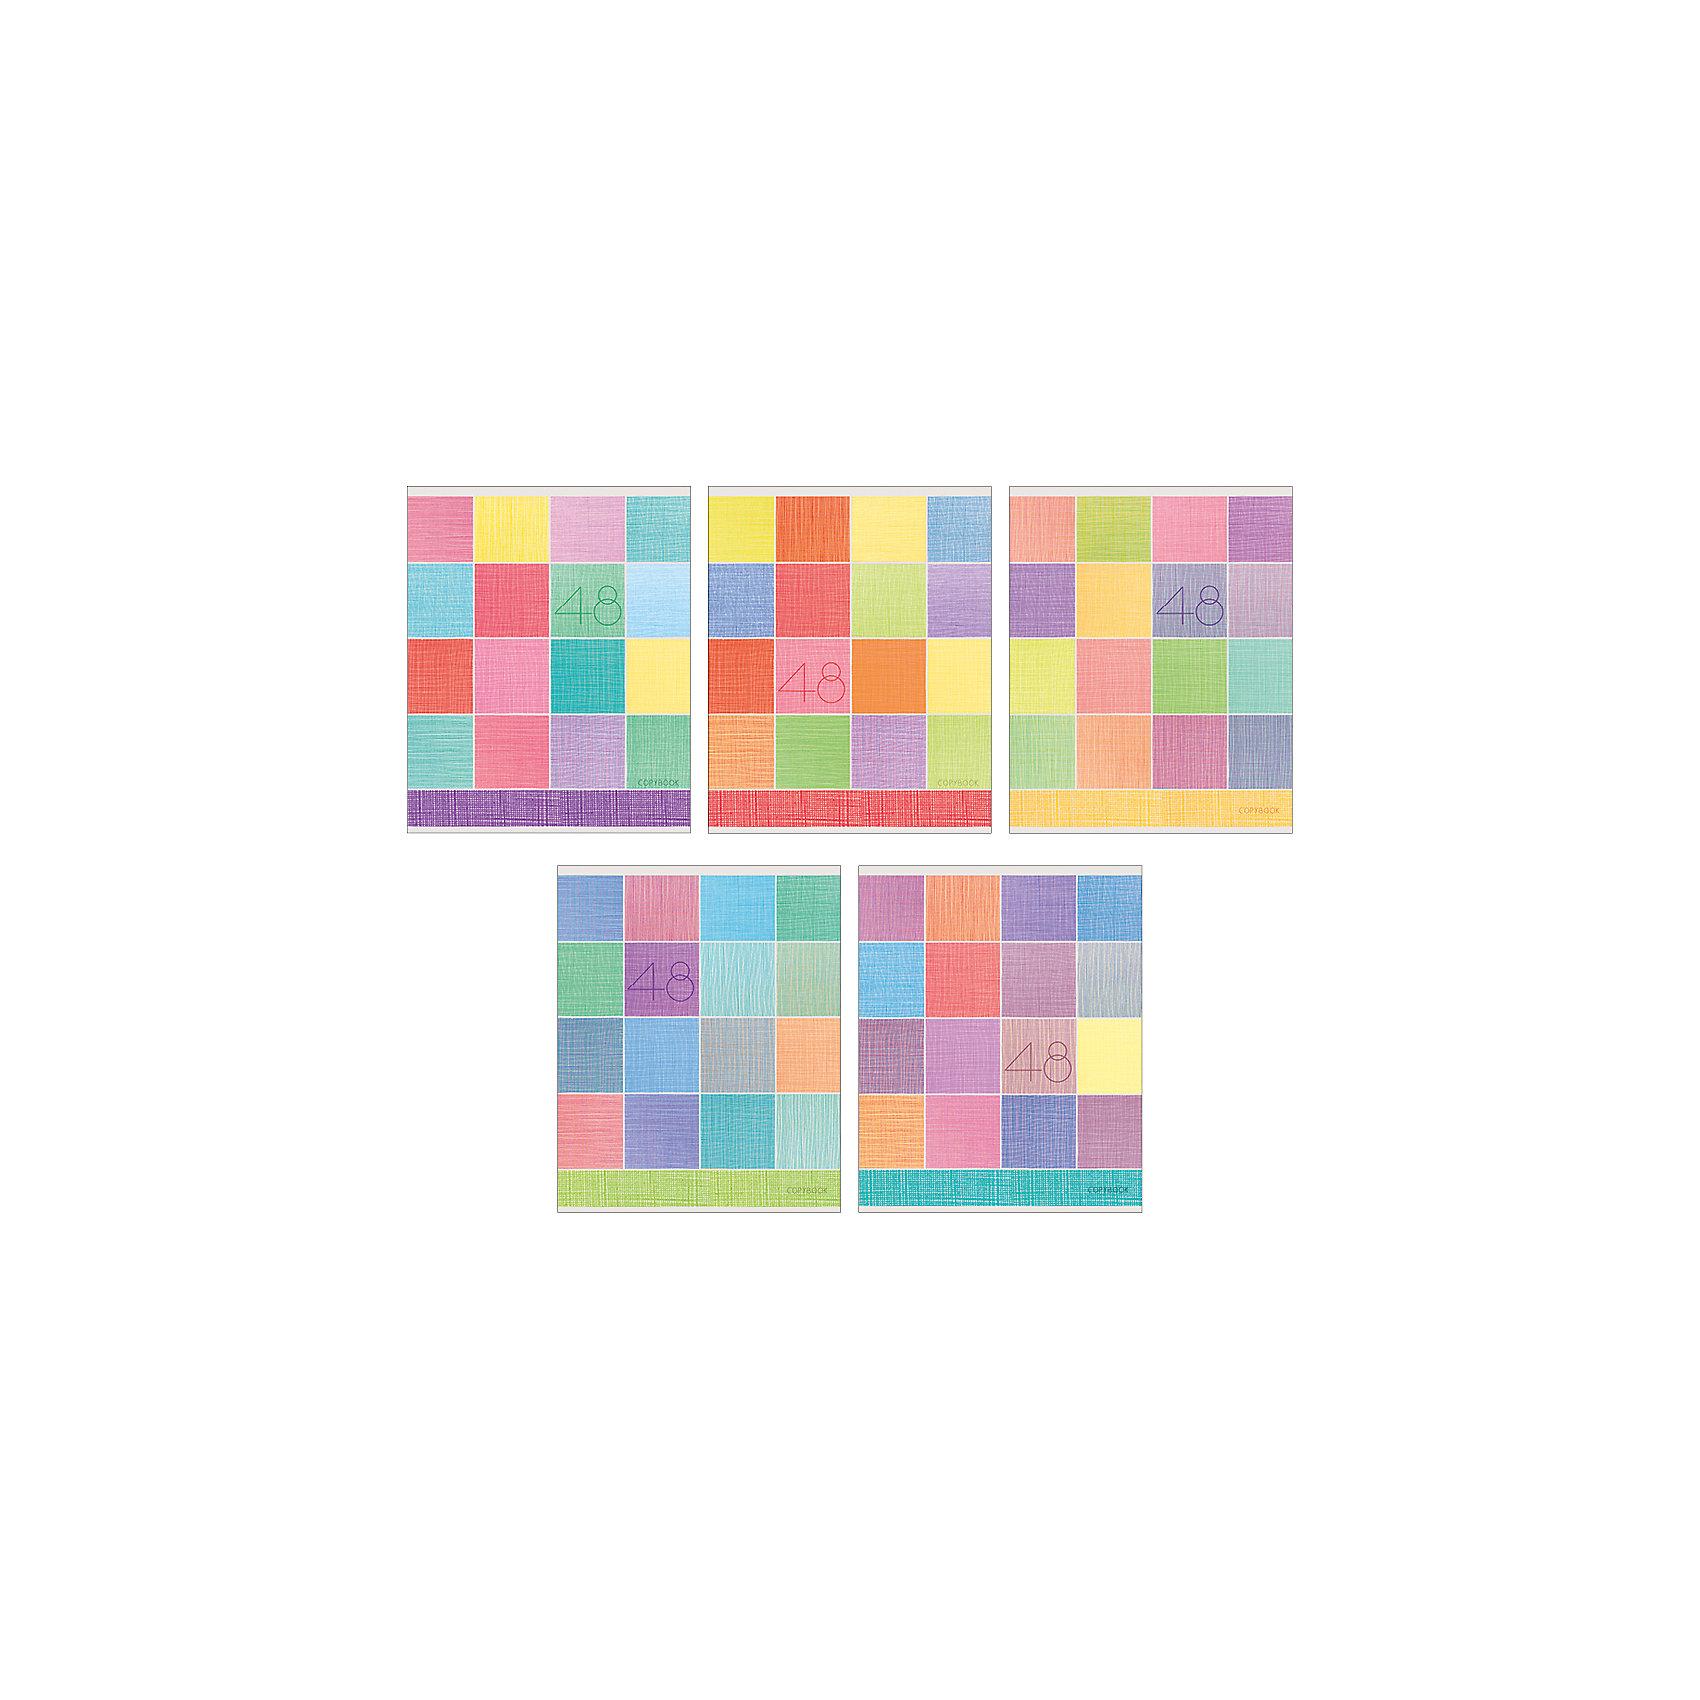 Комплект тетрадей Фактурный орнамент (10 шт), 48 листов, Канц-ЭксмоБумажная продукция<br>Характеристики комплекта тетрадей Фактурный орнамент:<br><br>• размеры: 20.2х16.3х3.5 см<br>• количество листов: 48 шт.<br>• разлиновка: клетка<br>• формат: А 5 <br>• комплектация: тетрадь<br>• бумага: офсет, плотностью 60 г/м2.<br>• обложка: мелованный картон, матовая ламинация.<br>• бренд: Канц-Эксмо<br>• страна бренда: Россия<br>• страна производителя: Россия<br><br>Комплект тетрадей Фактурный орнамент от производителя Канц-Эксмо выполнен в формате А5. Количество листов 48, тетради в клетку с полями. Крепление: скрепка. Обложка у изделий плотная - мелованный картон, выборочный лак <br><br>Комплект тетрадей Фактурный орнамент от производителя Канц-Эксмо можно купить в нашем интернет-магазине.<br><br>Ширина мм: 202<br>Глубина мм: 165<br>Высота мм: 40<br>Вес г: 103<br>Возраст от месяцев: 72<br>Возраст до месяцев: 2147483647<br>Пол: Унисекс<br>Возраст: Детский<br>SKU: 5448417